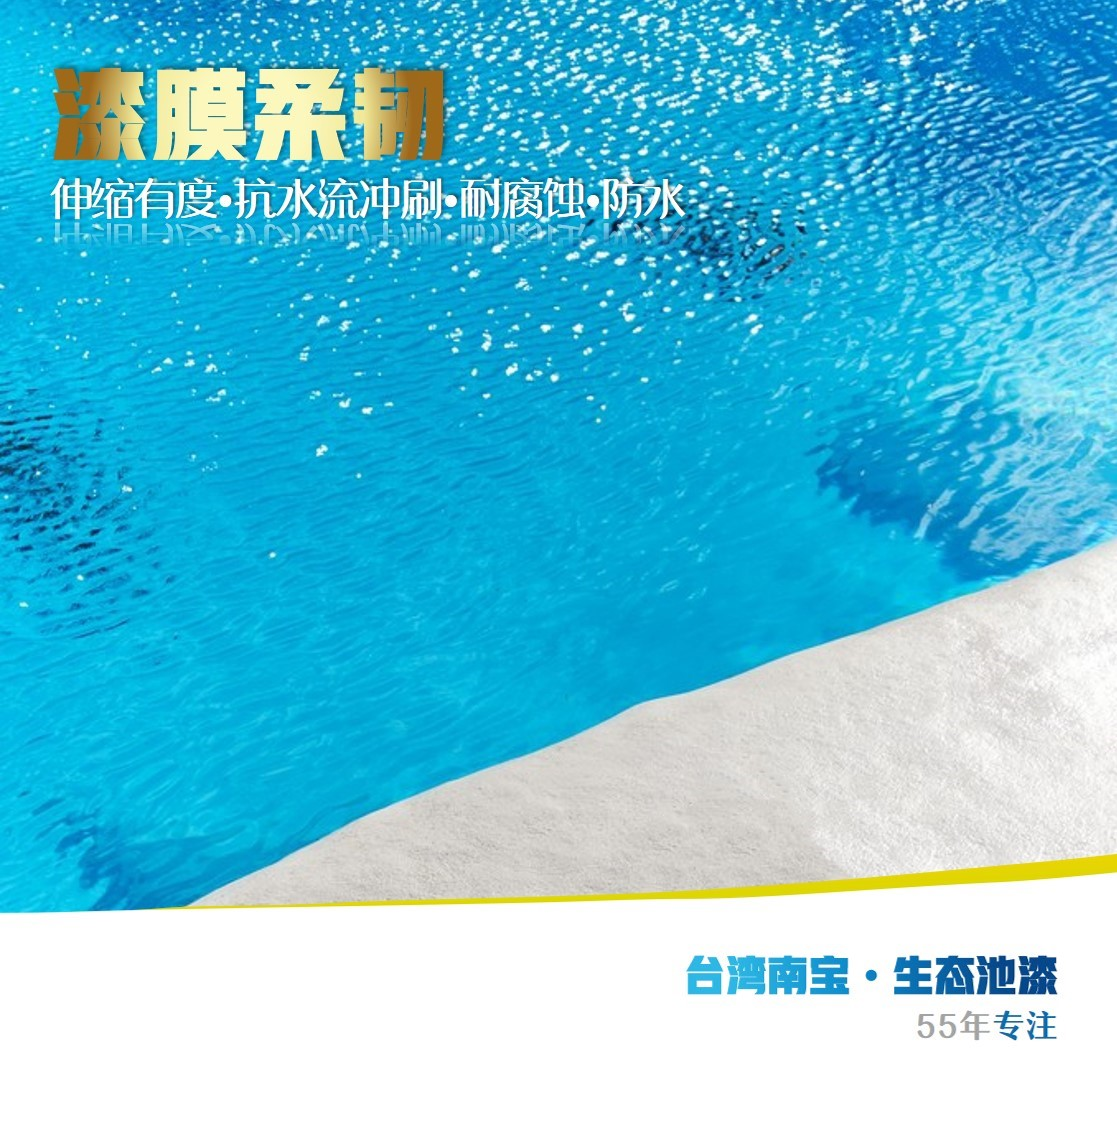 台湾南宝贝壳瓷釉游泳池漆